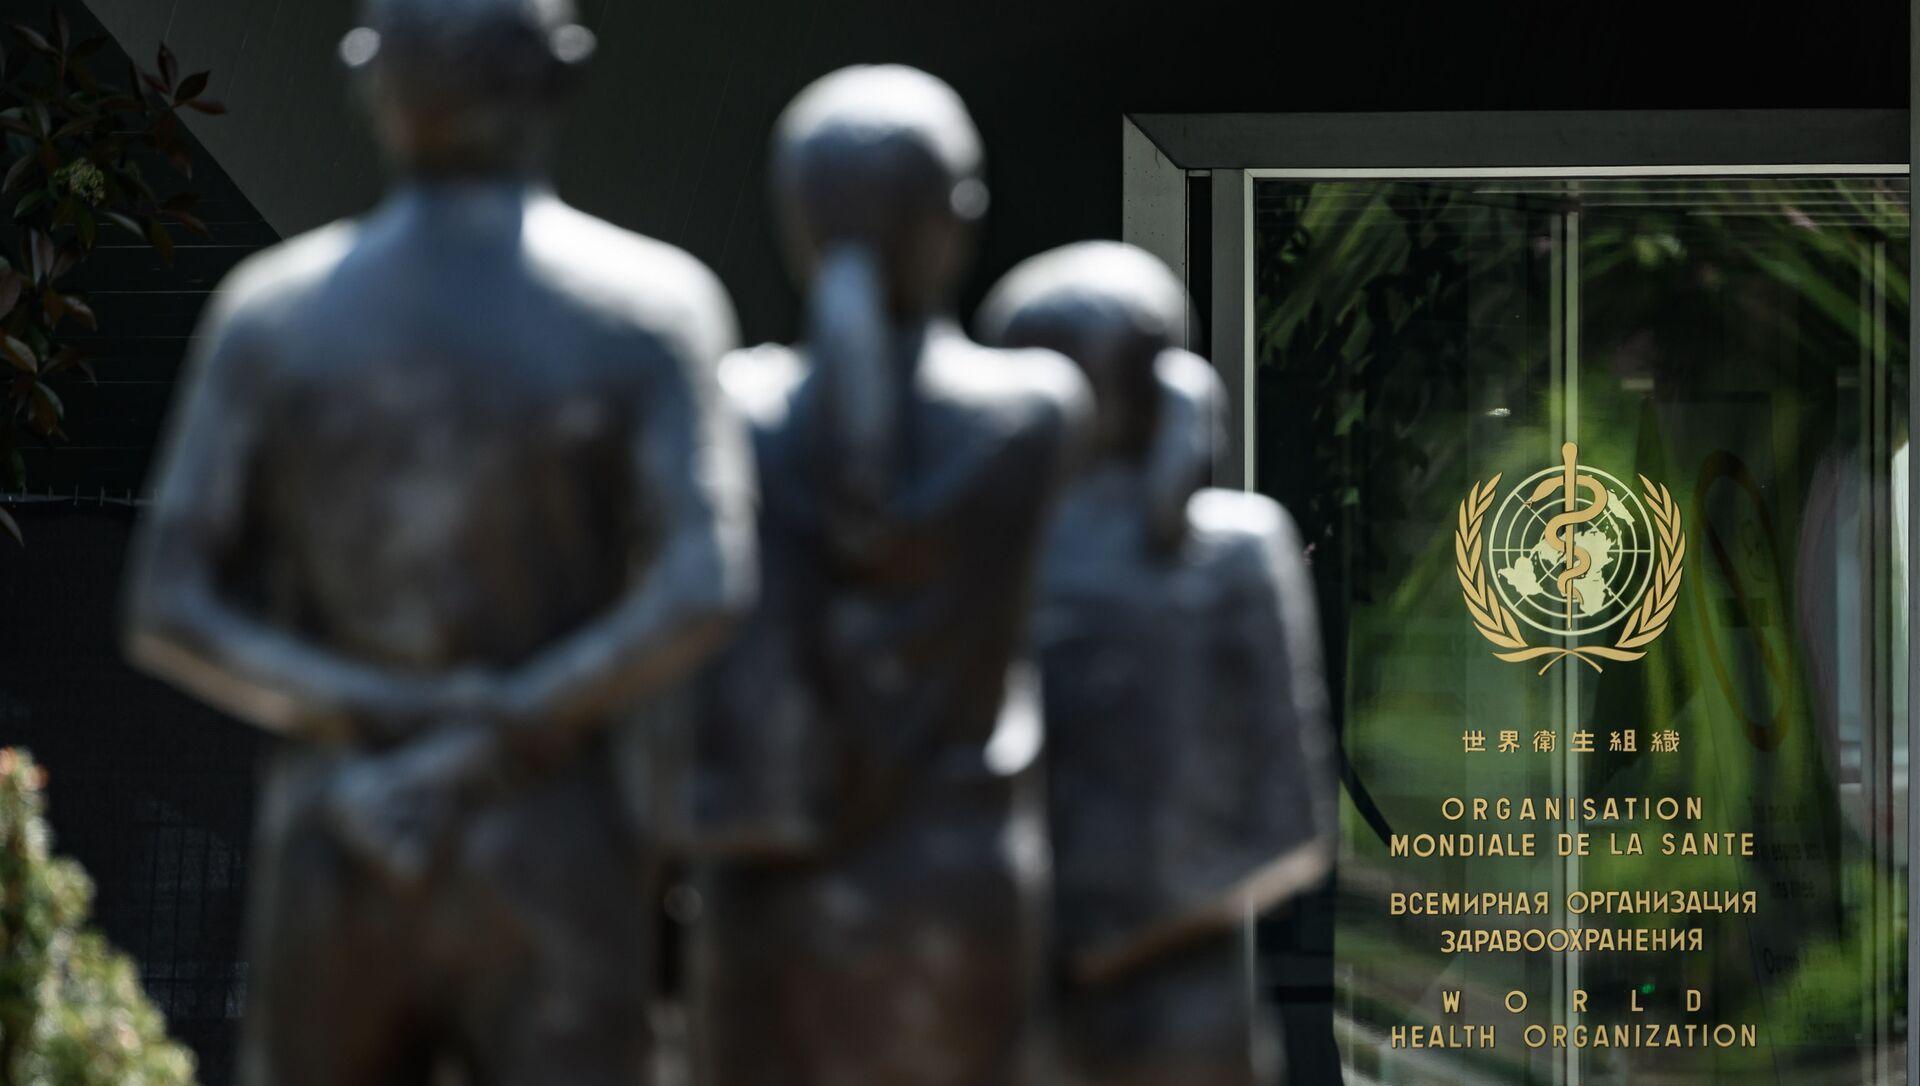 На этом снимке, сделанном 24 апреля 2020 года, изображены статуи, стоящие перед входом в штаб-квартиру Всемирной организации здравоохранения (ВОЗ) в Женеве, на фоне вспышки COVID-19, вызванной новым коронавирусом. - Sputnik Абхазия, 1920, 19.08.2021